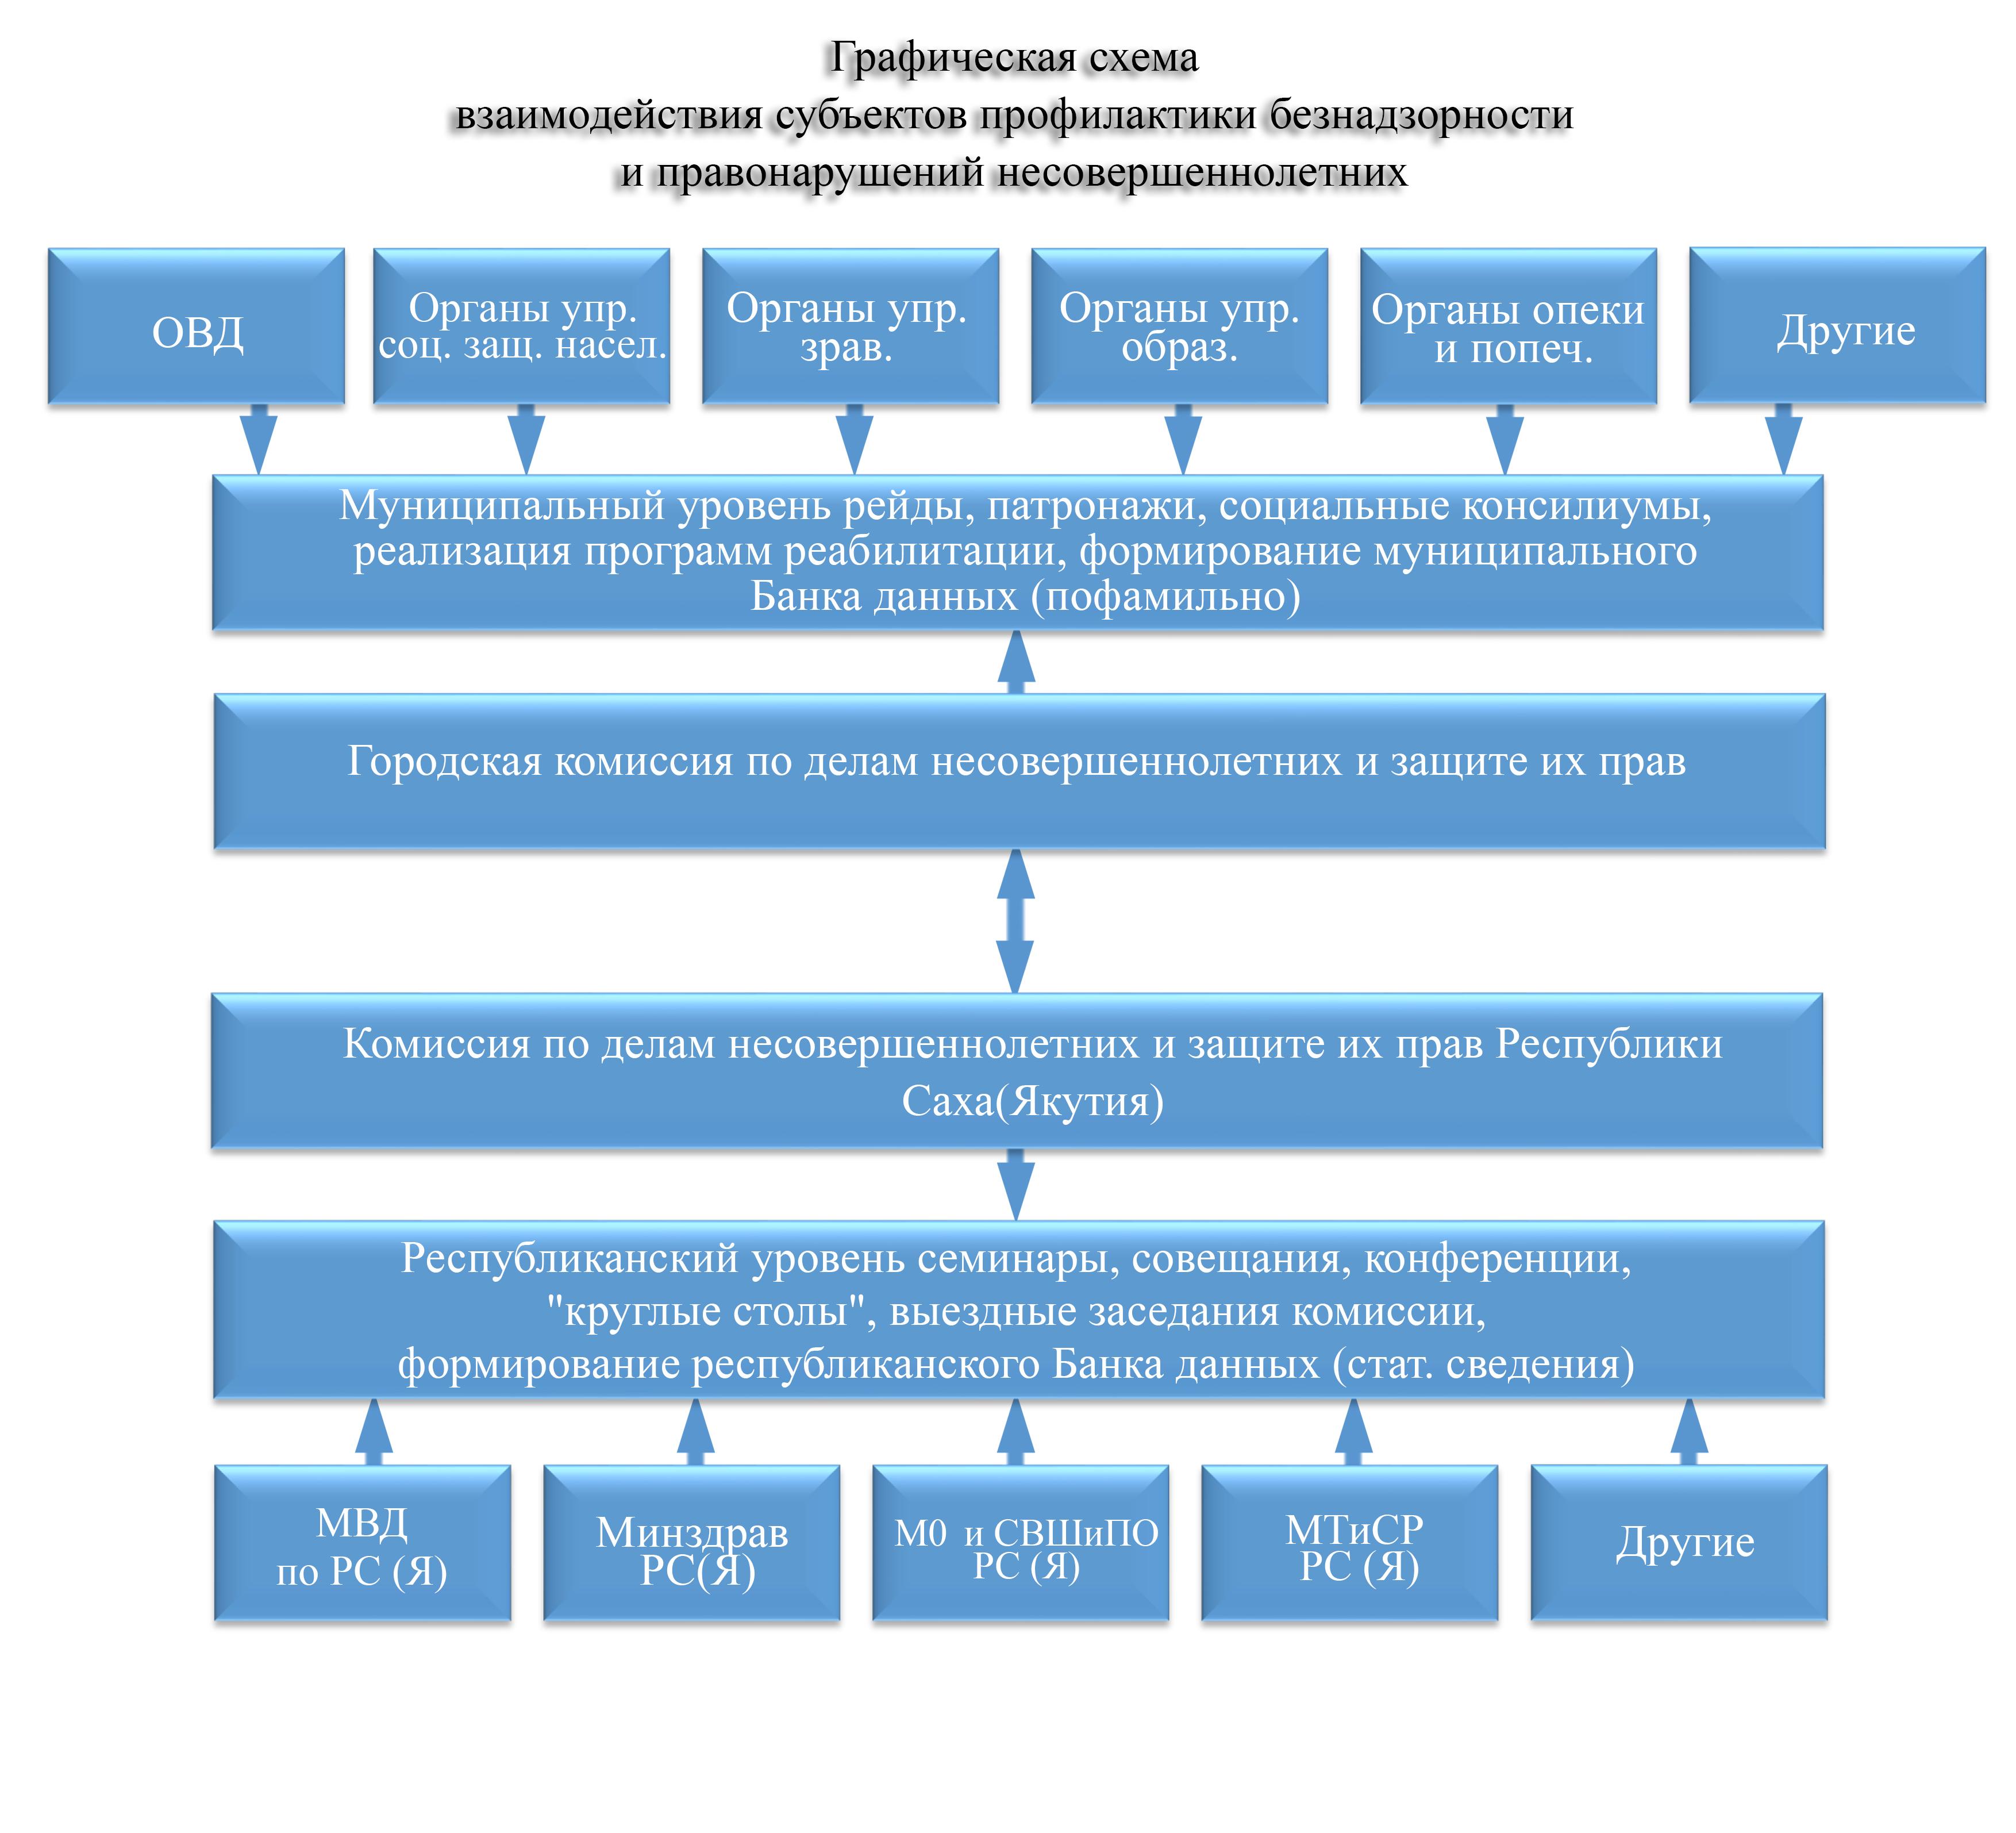 Схема взаимодействия органов профилактики